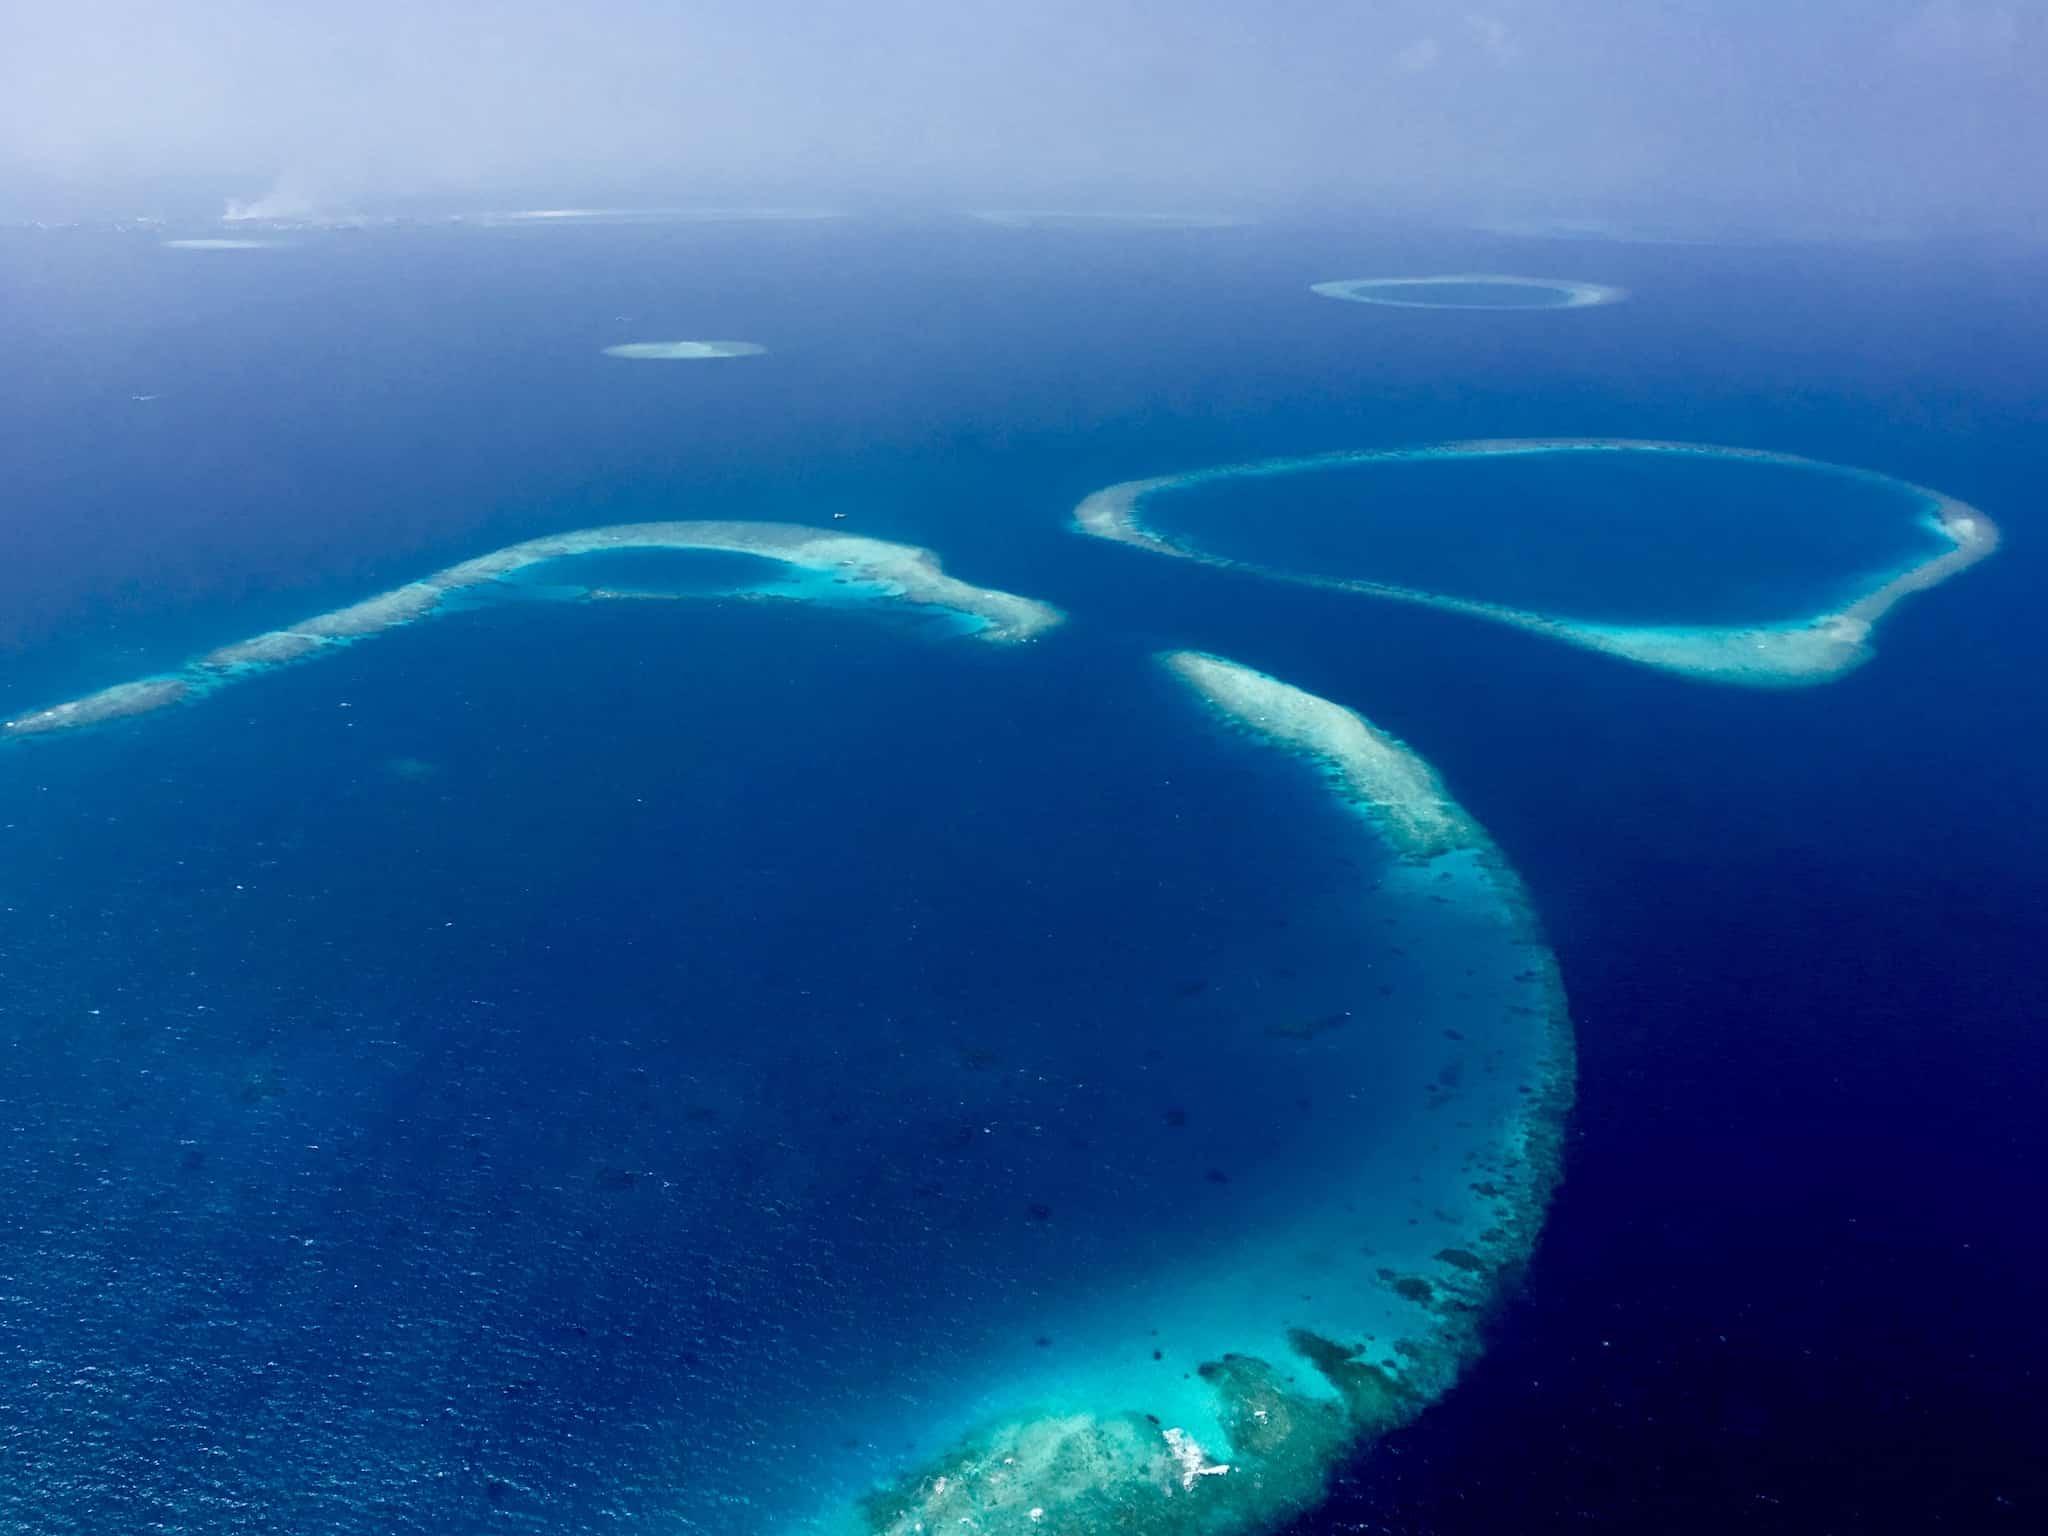 Begrüßungskommittee: Plötzlich tauchen die Atolle der Malediven aus dem Nichts auf. Foto: Sascha Tegtmeyer Reisebericht Malediven Tipps